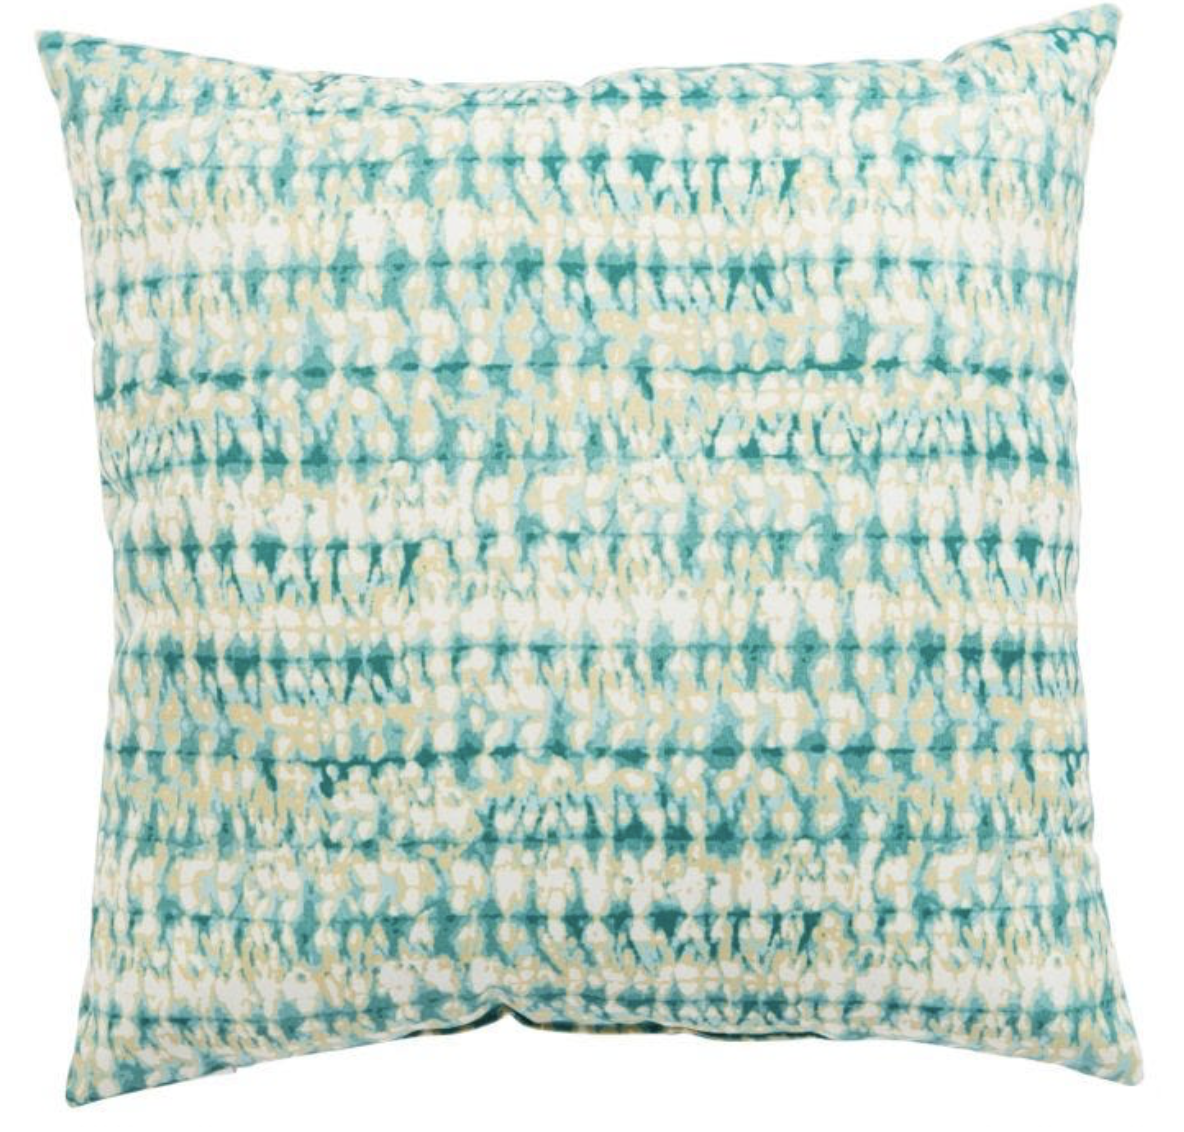 Veranda Teal Batik Pillow